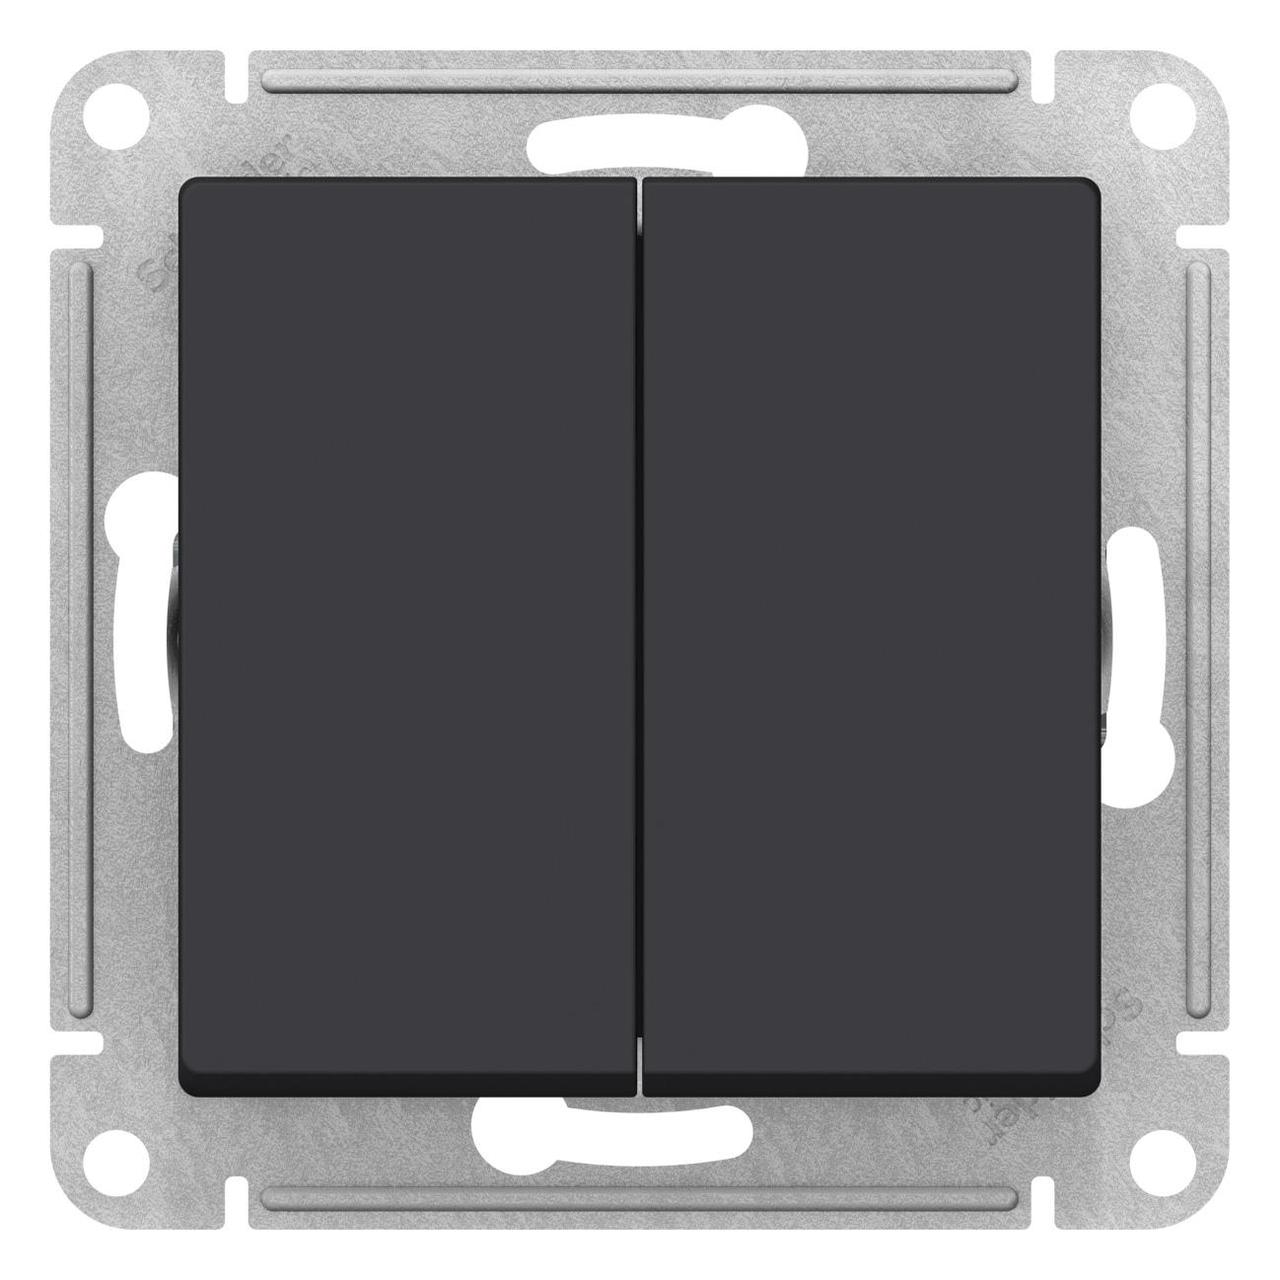 Выключатель 2-клавишный , Карбон, серия Atlas Design, Schneider Electric